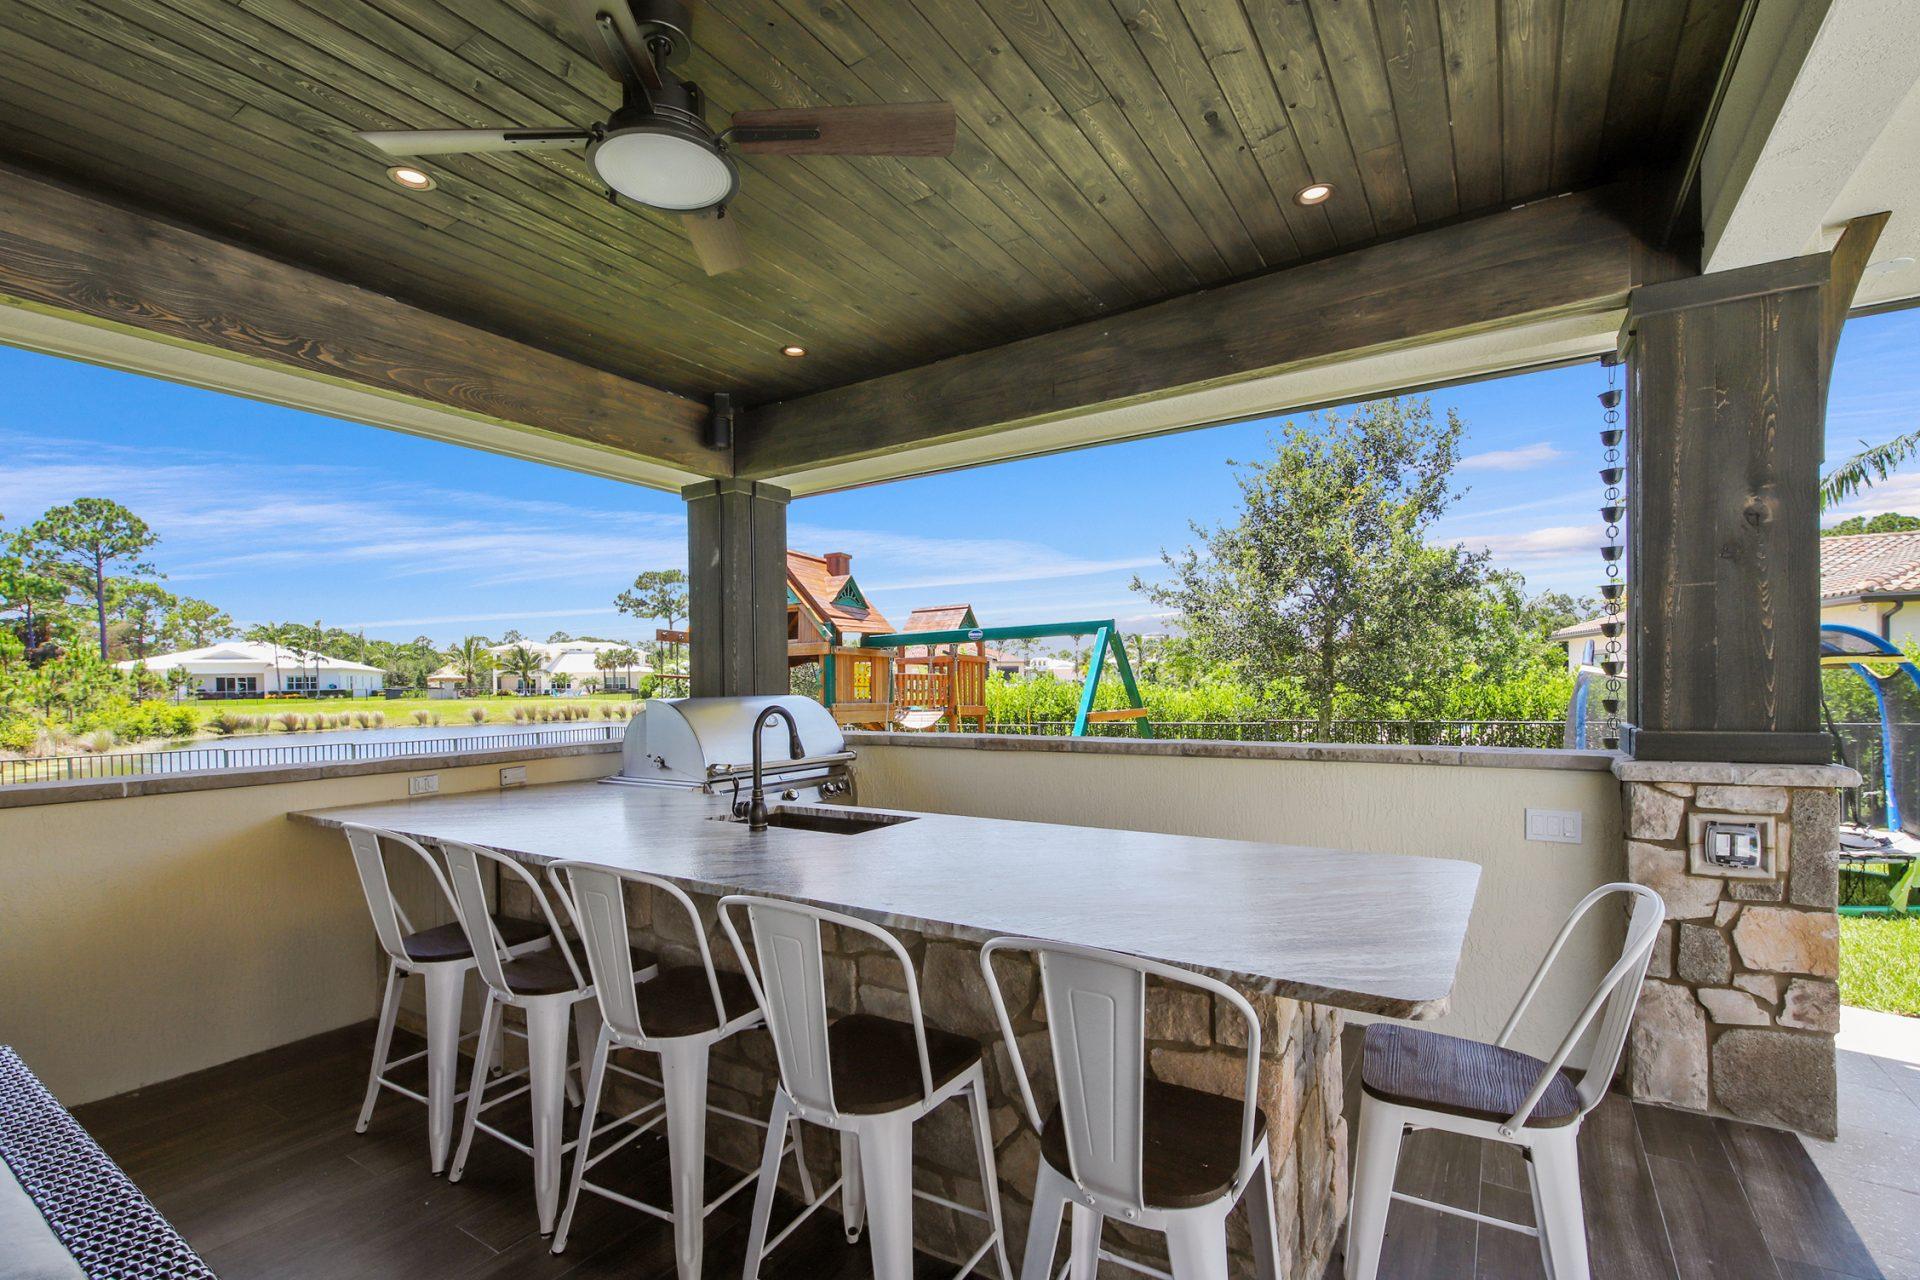 Radcliffe Veranda | Outdoor Kitchen